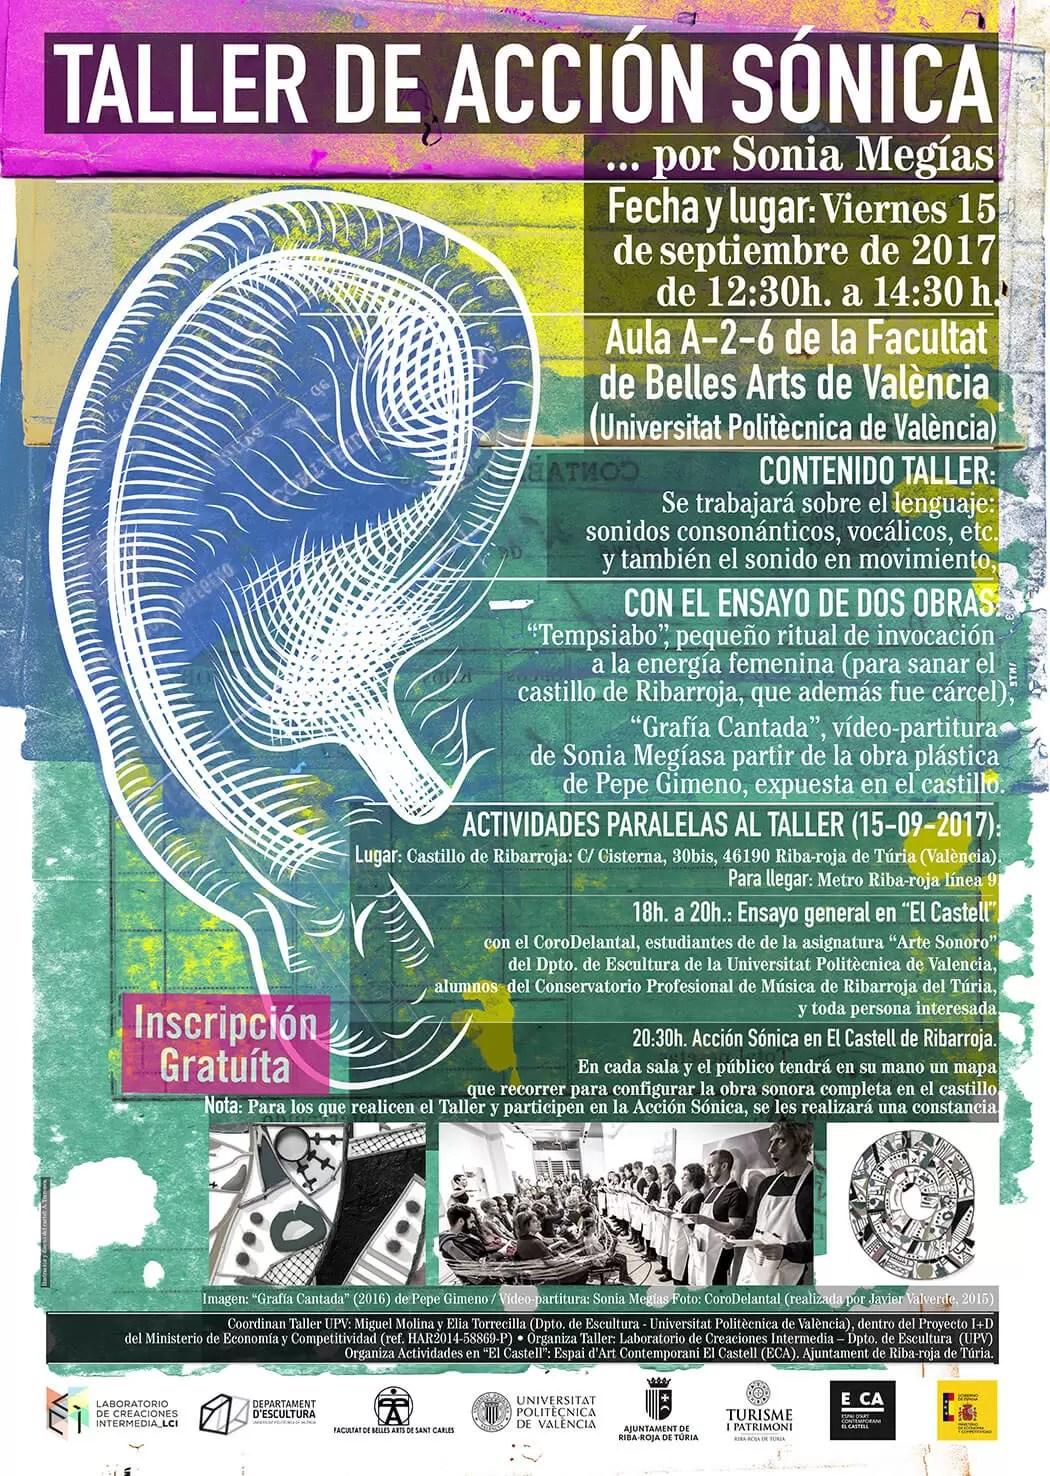 2017'IX'15. Valencia, UPV. Taller de Acción Sónica - cartel